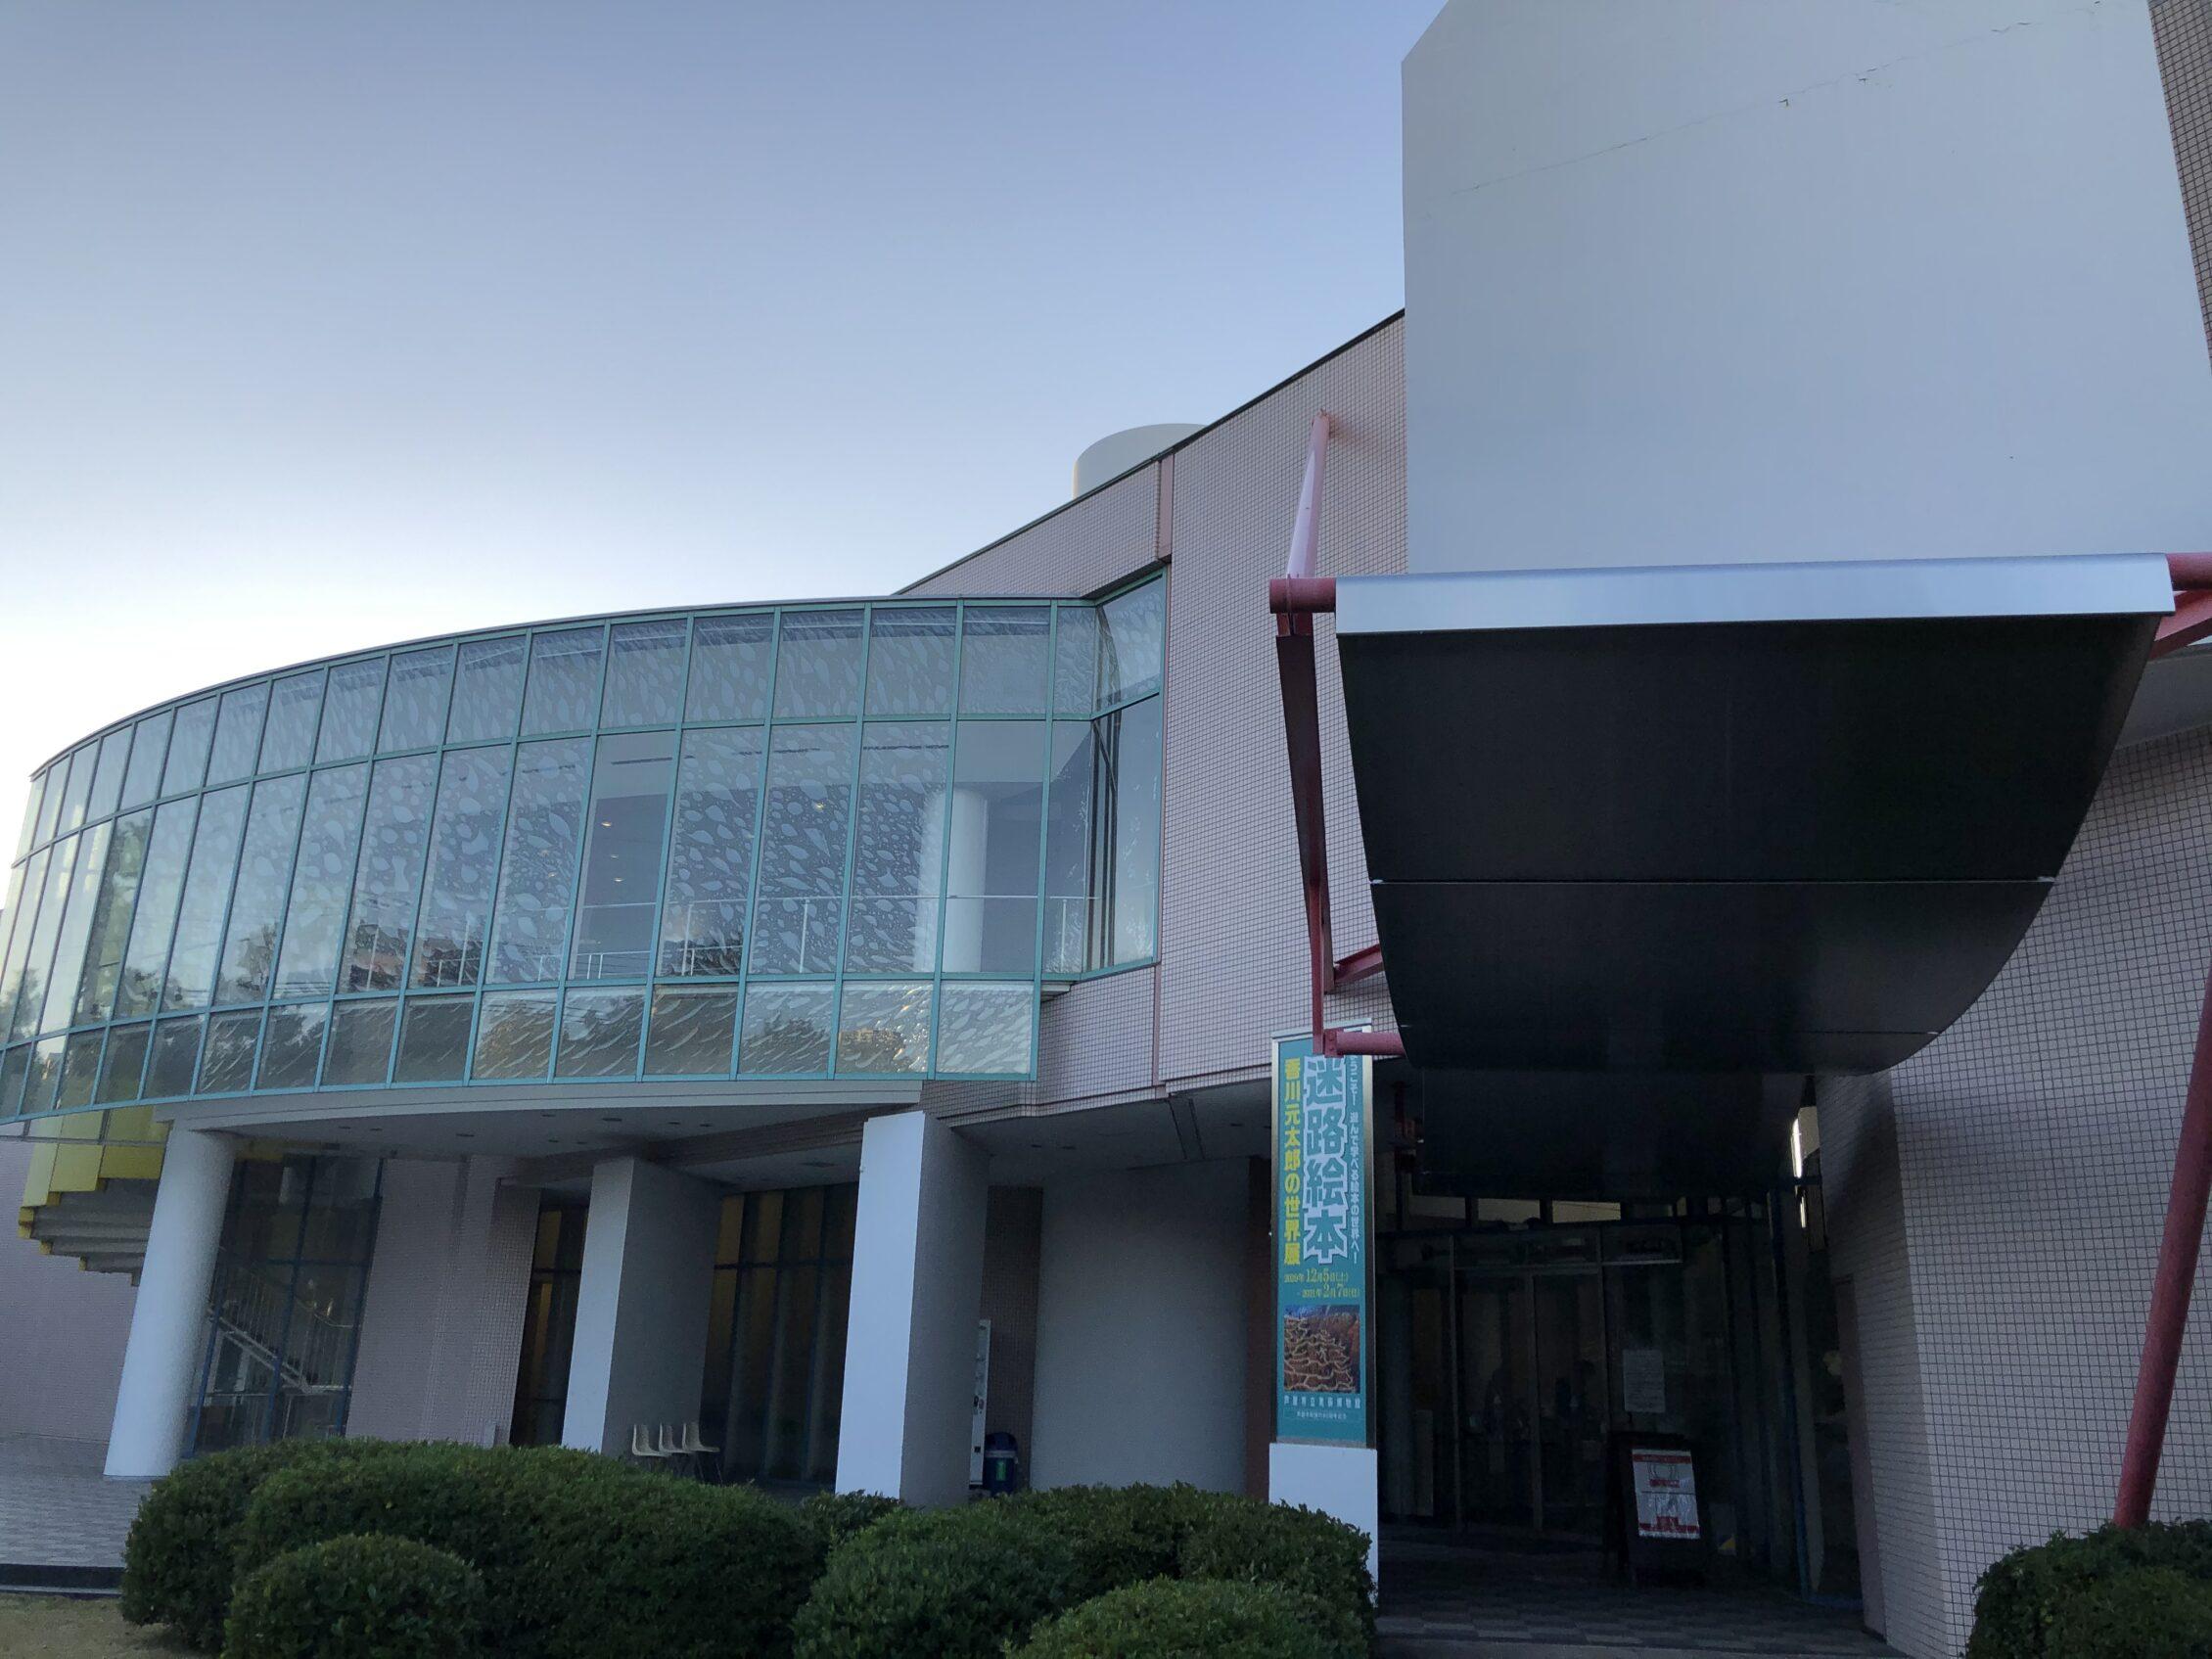 2021年5月29日~8月29日 <br>芦屋市立美術博物館 「スポーツ展 ~芦屋・阪神間のスポーツの歴史と未来~」